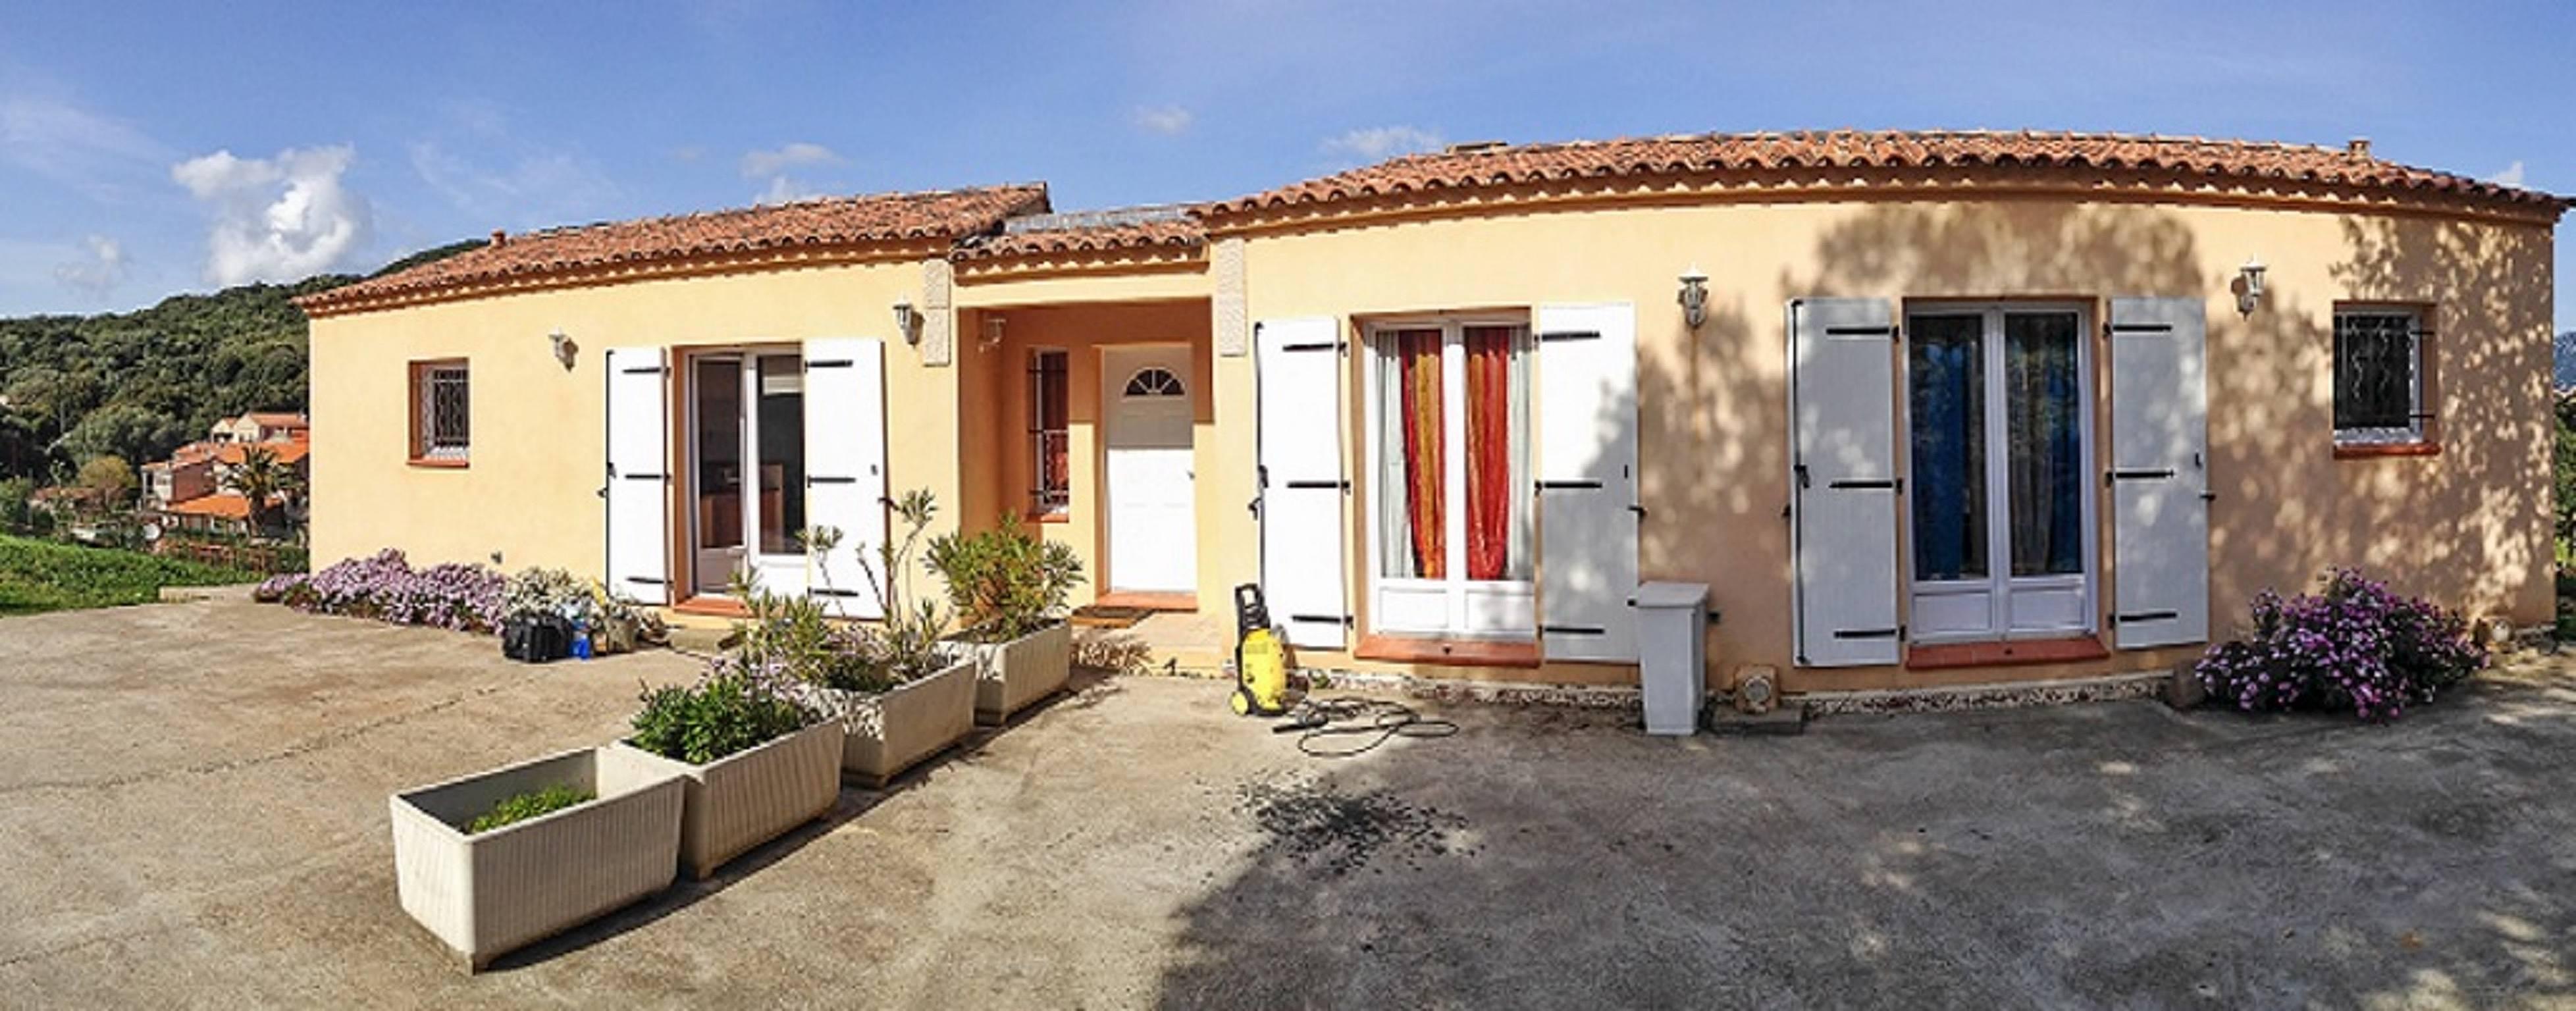 Casa per 4 persone corsica sart ne corsica del sud for Casa colonica vivente del sud